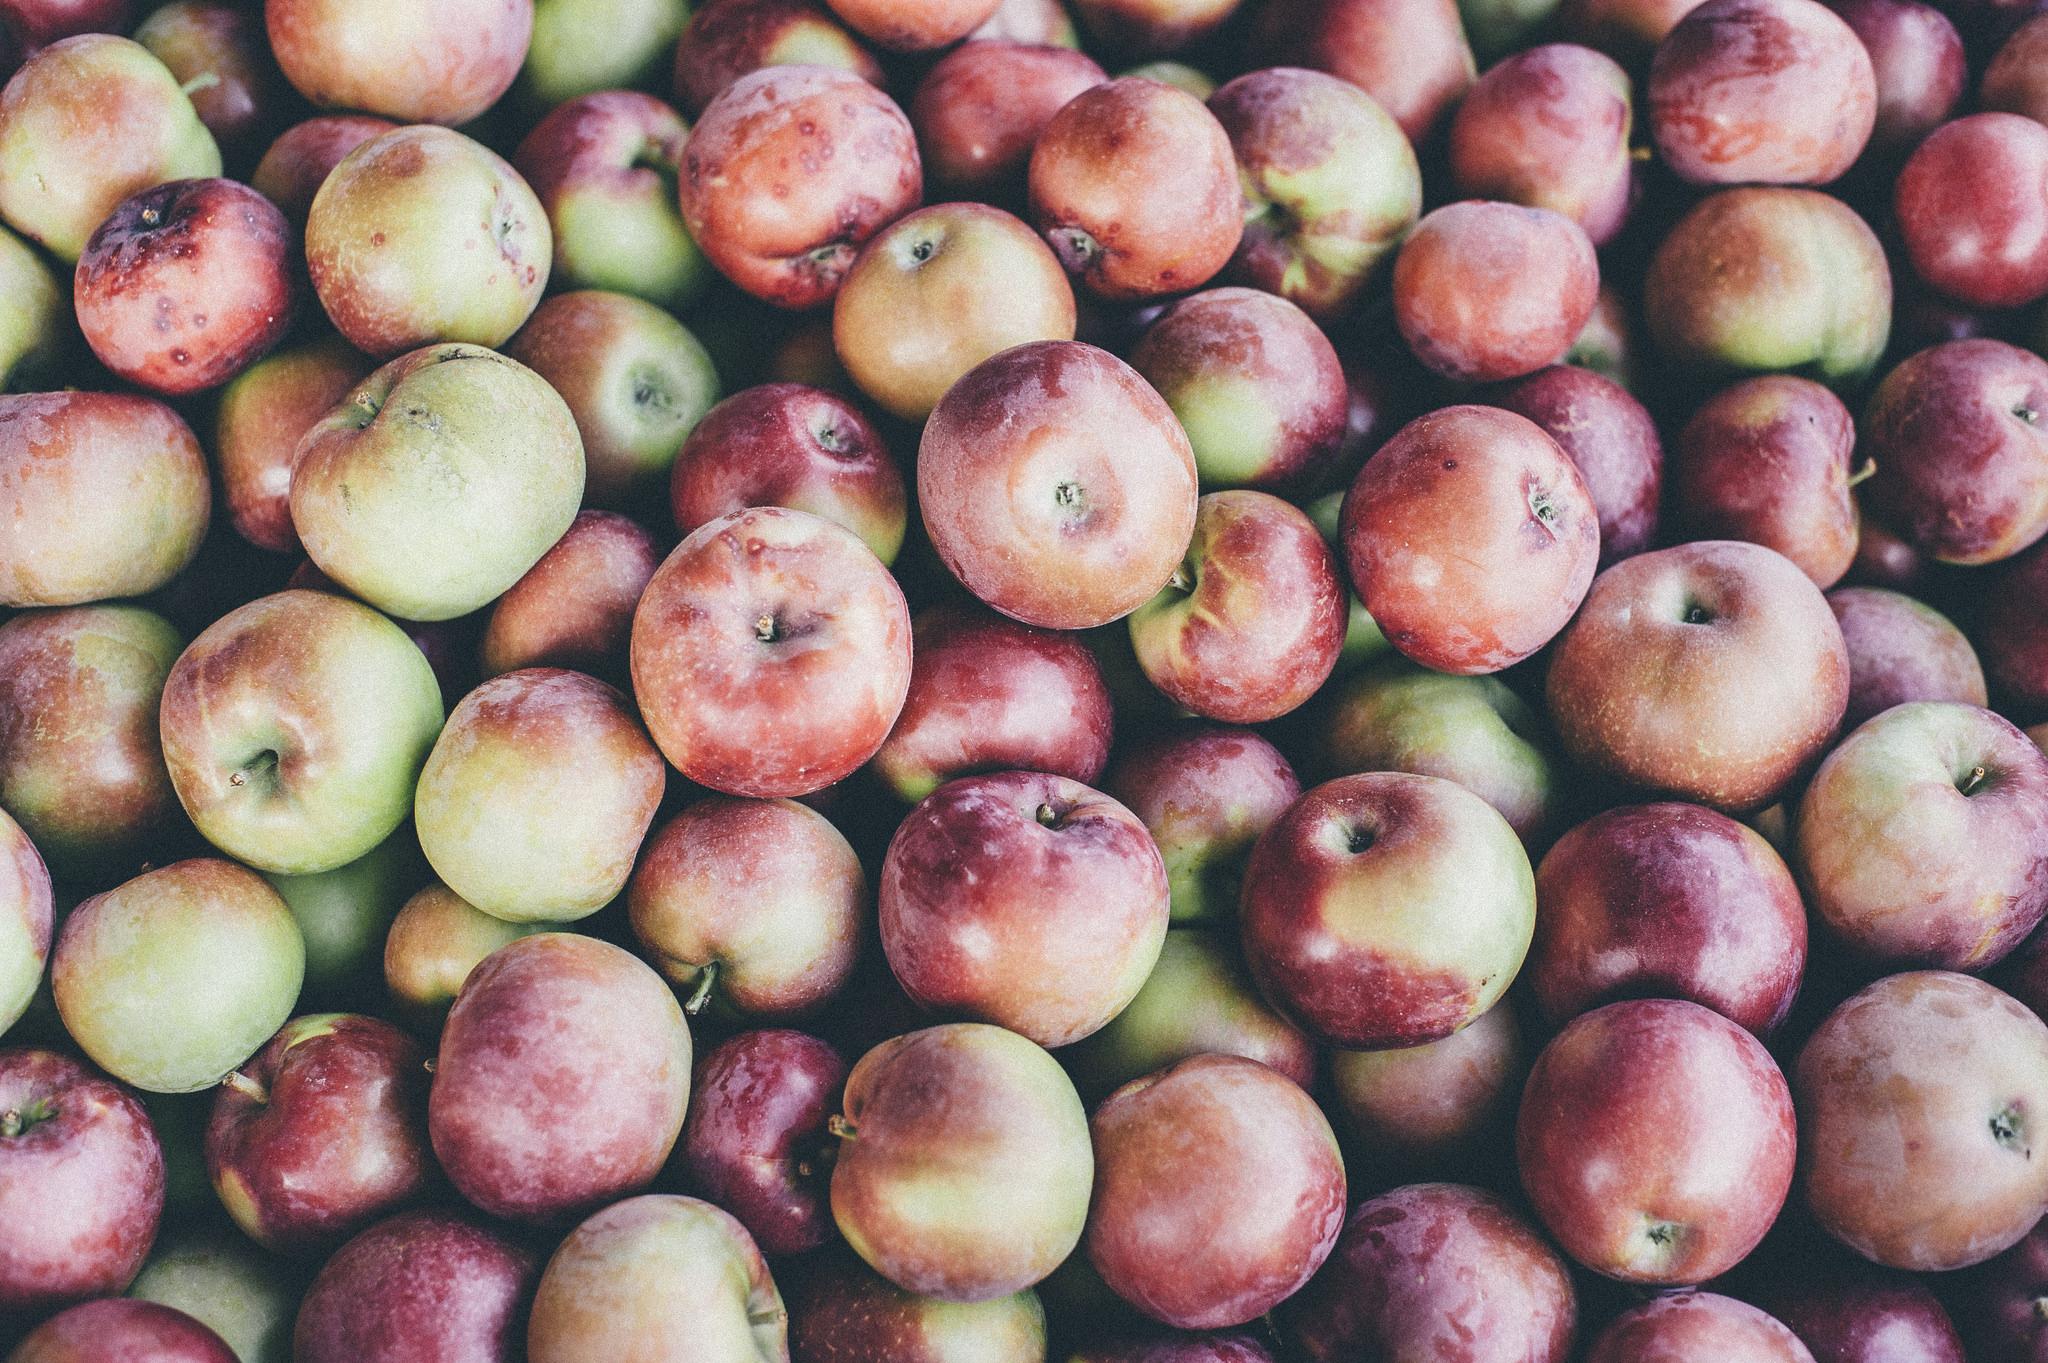 fingerlakes-new-york-apples